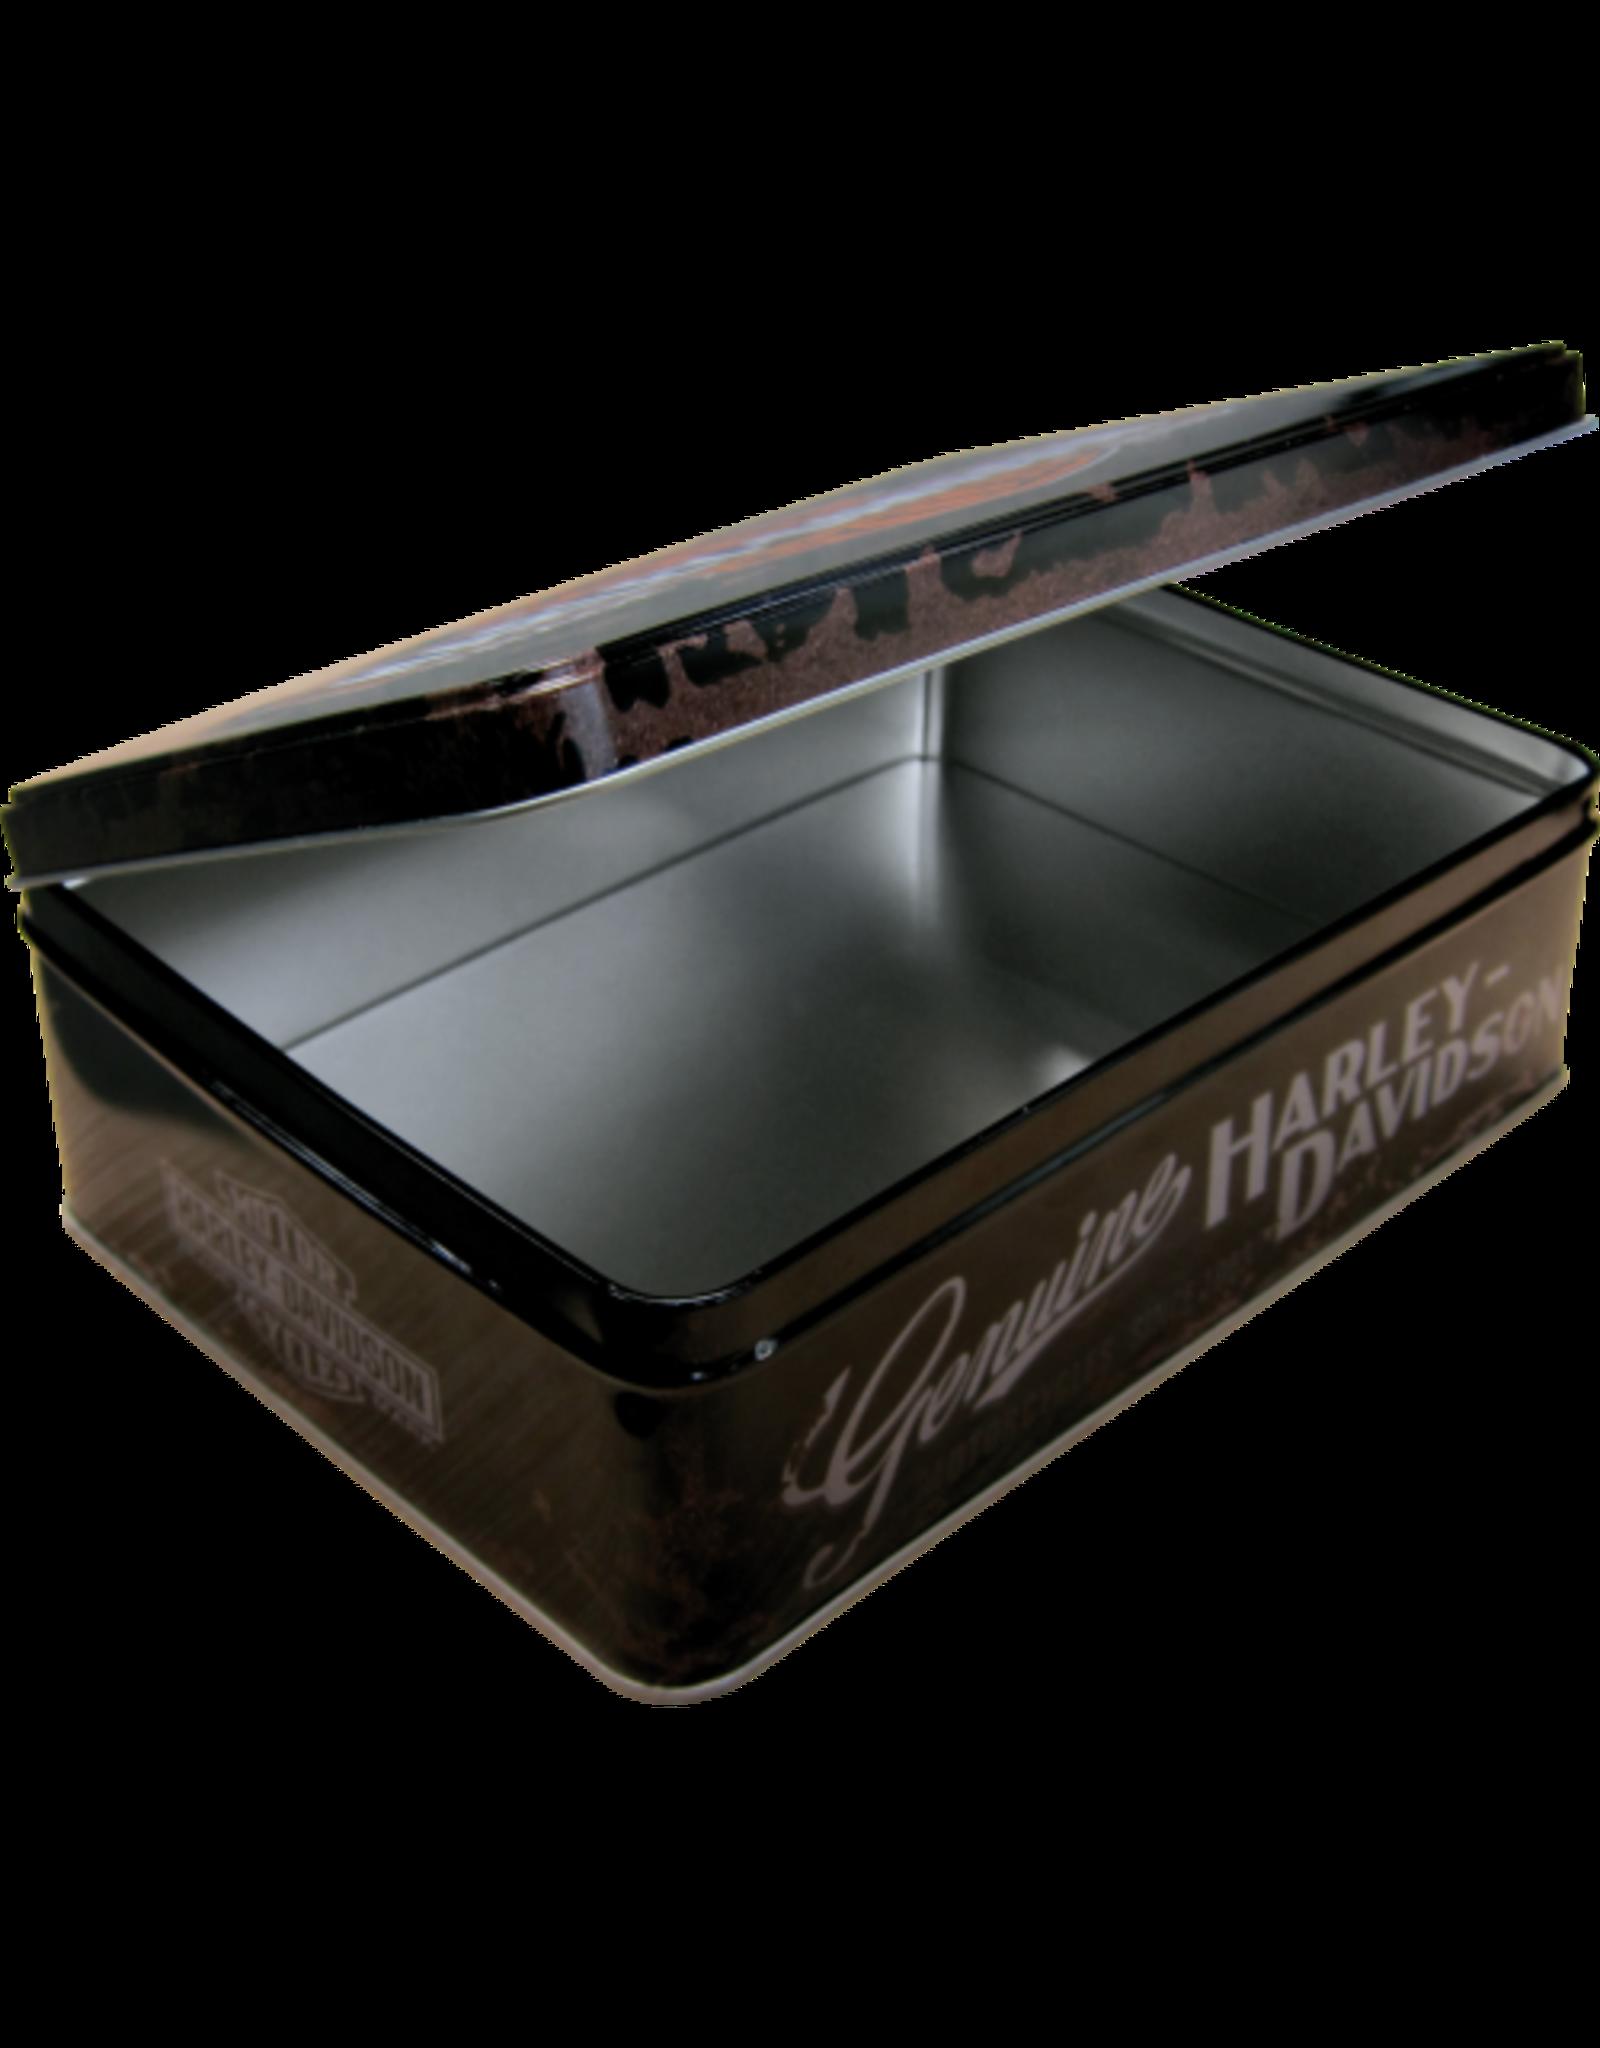 tin box - flat - Harley Davidson